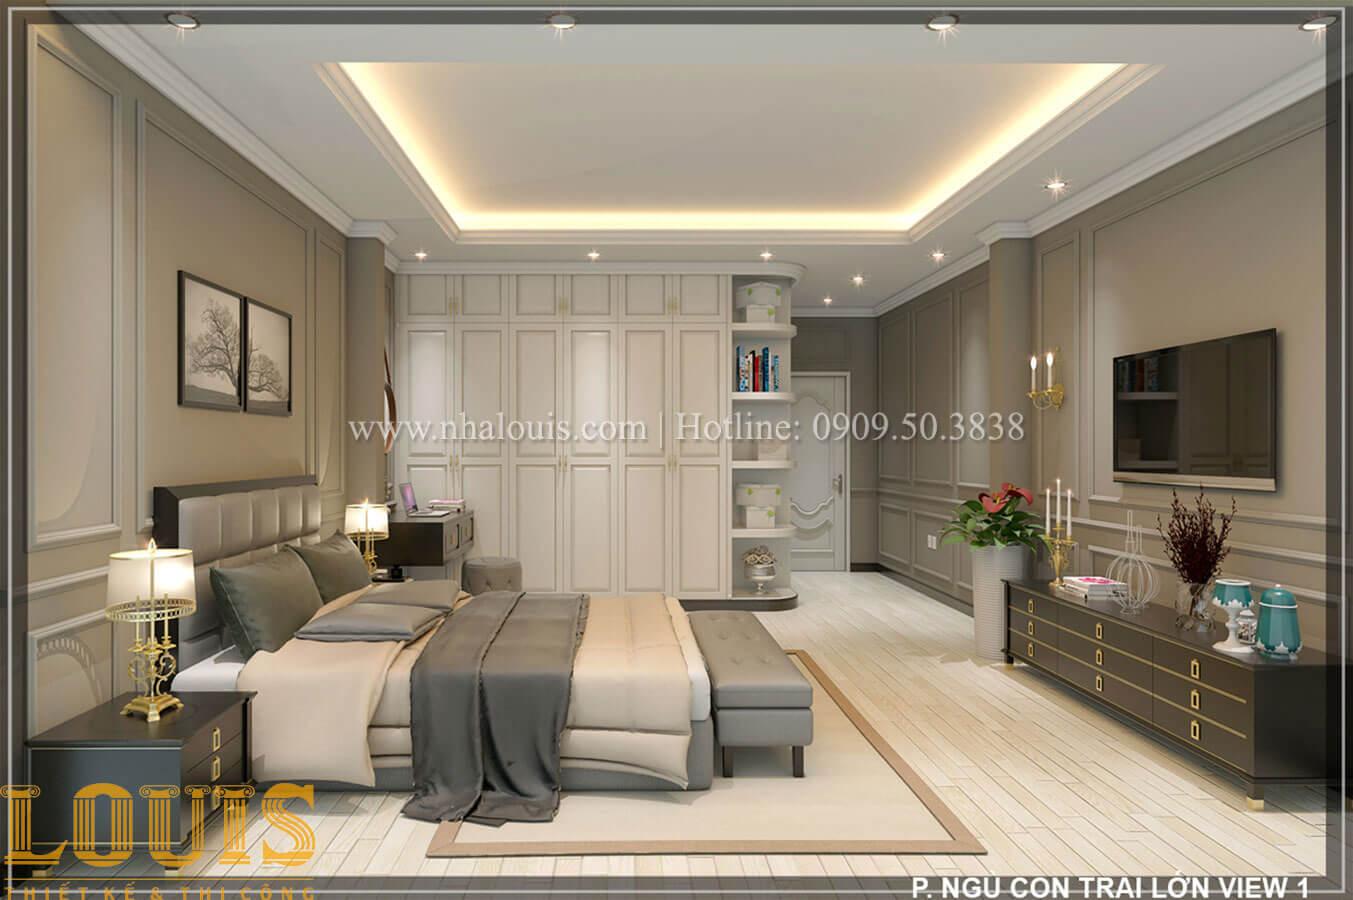 Phòng ngủ Thiết kế tiệm vàng 5 tầng tân cổ điển đẹp không tì vết tại Nhà Bè - 24